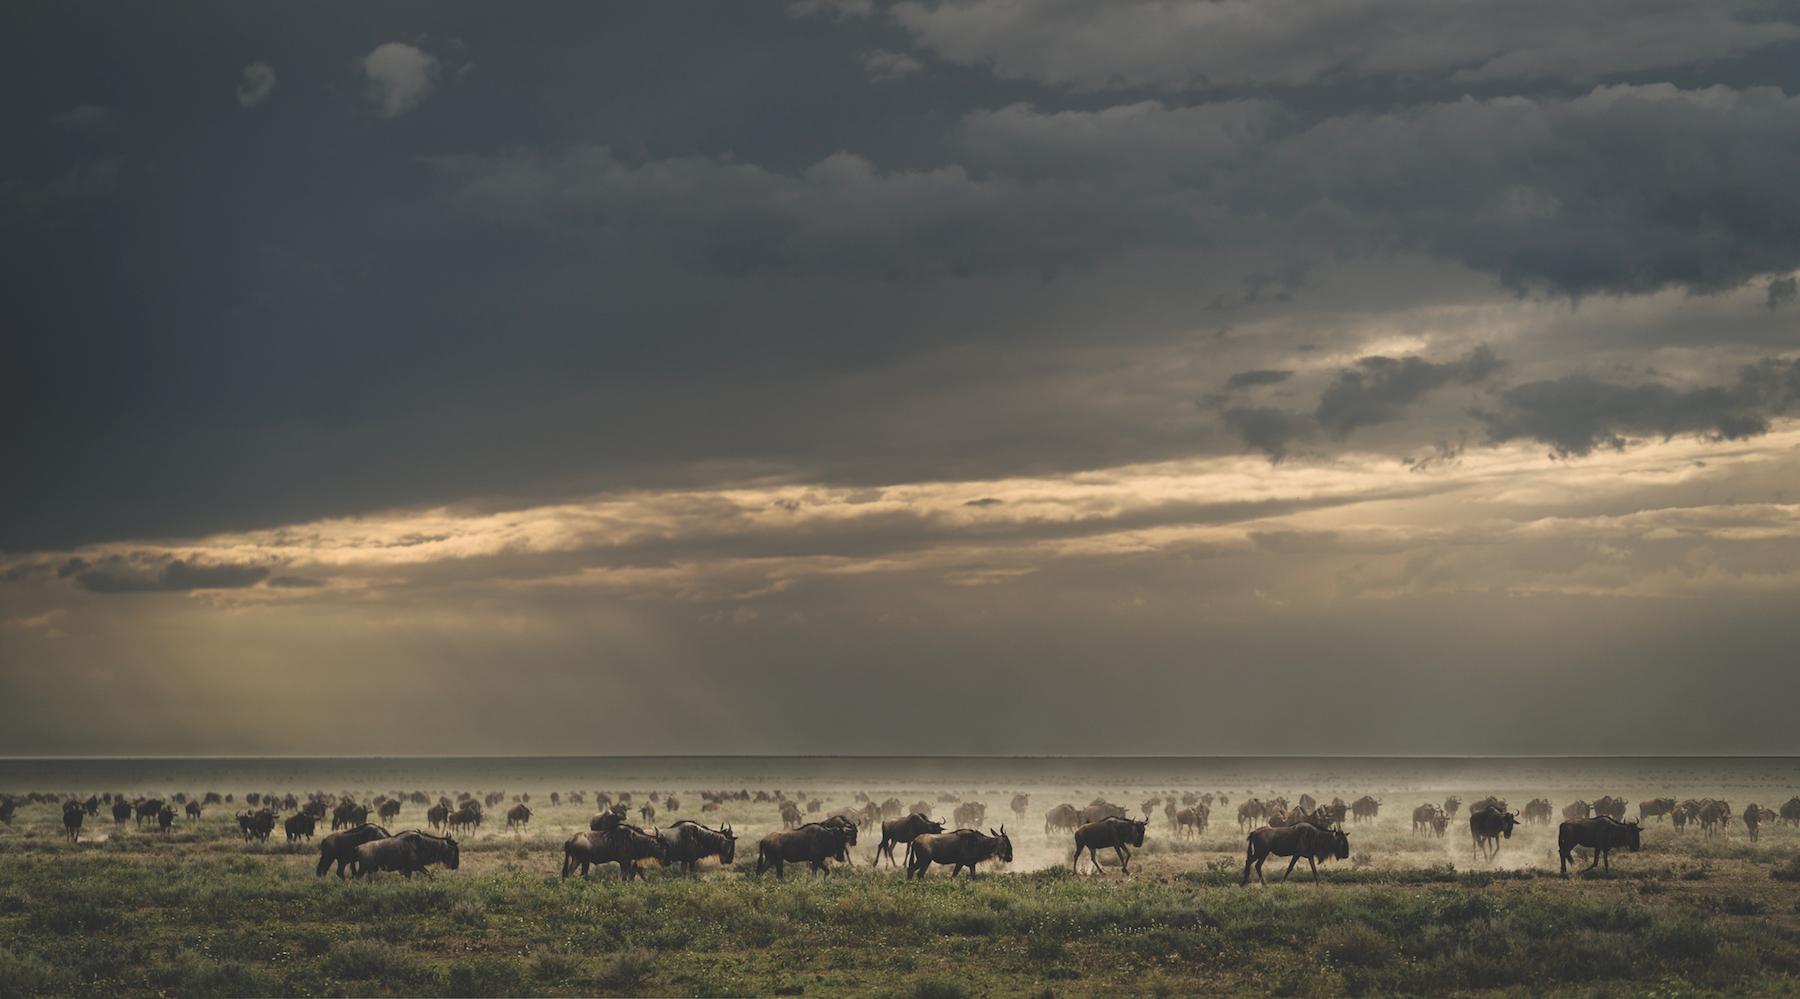 Courtesy Nomad Tanzania